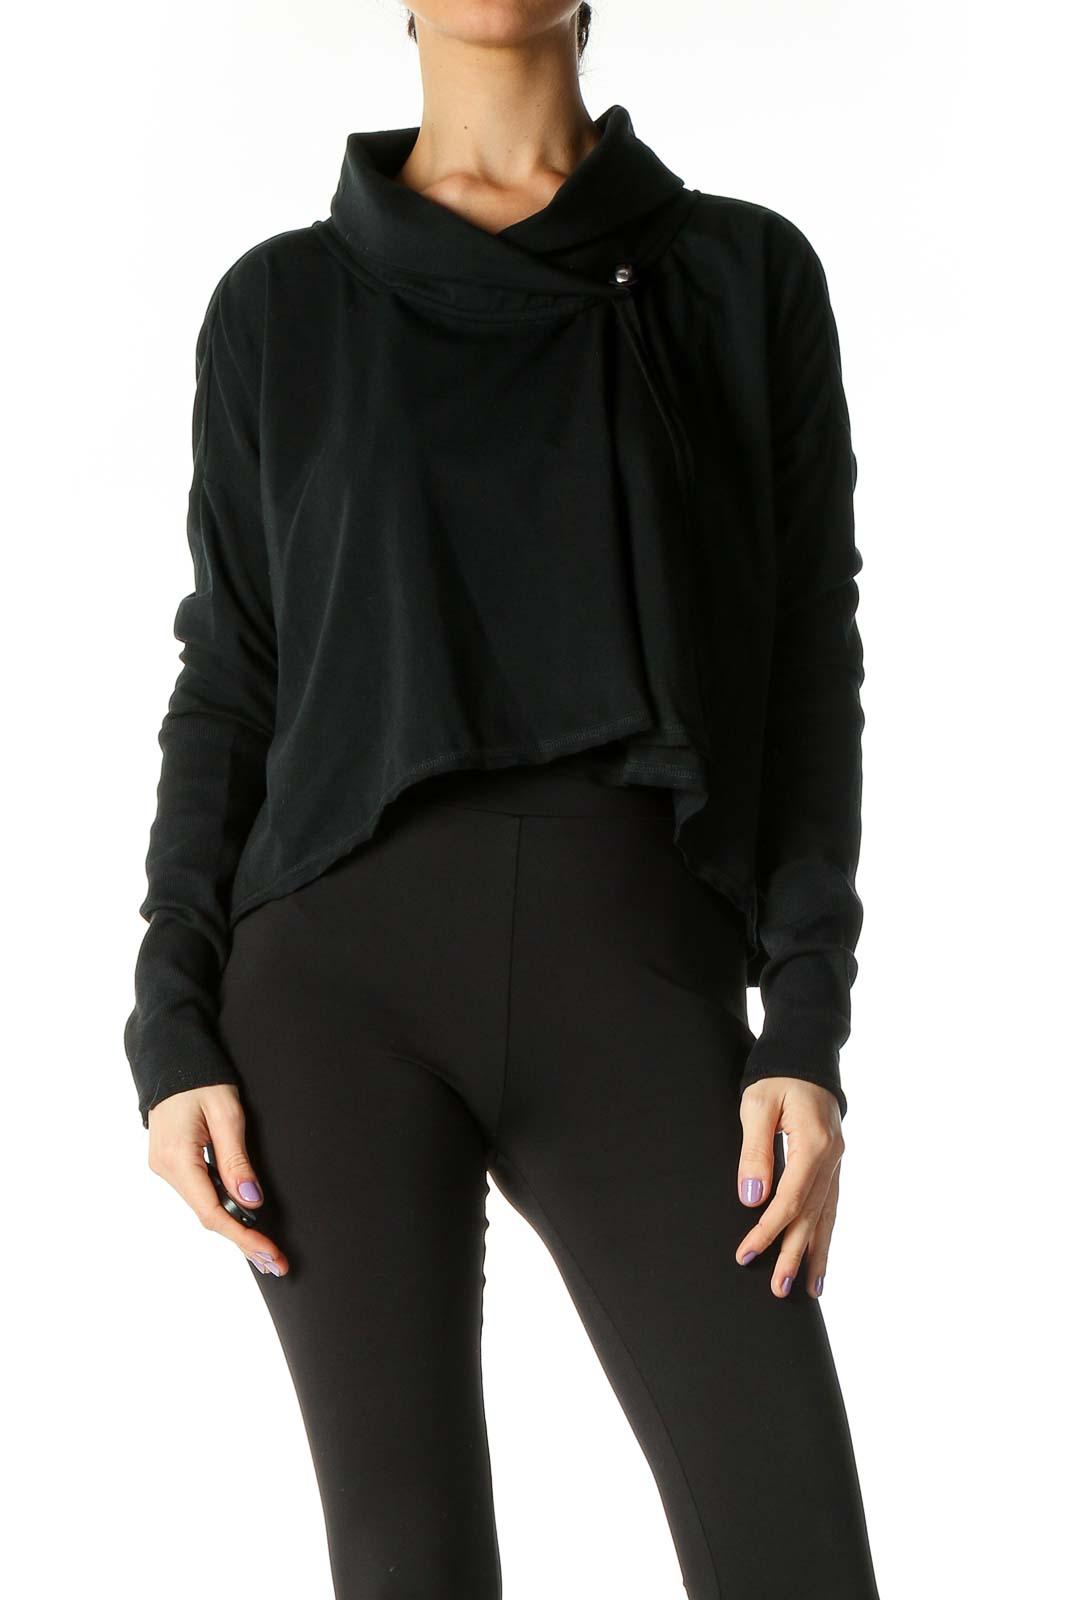 Black Solid Sweatshirt Front